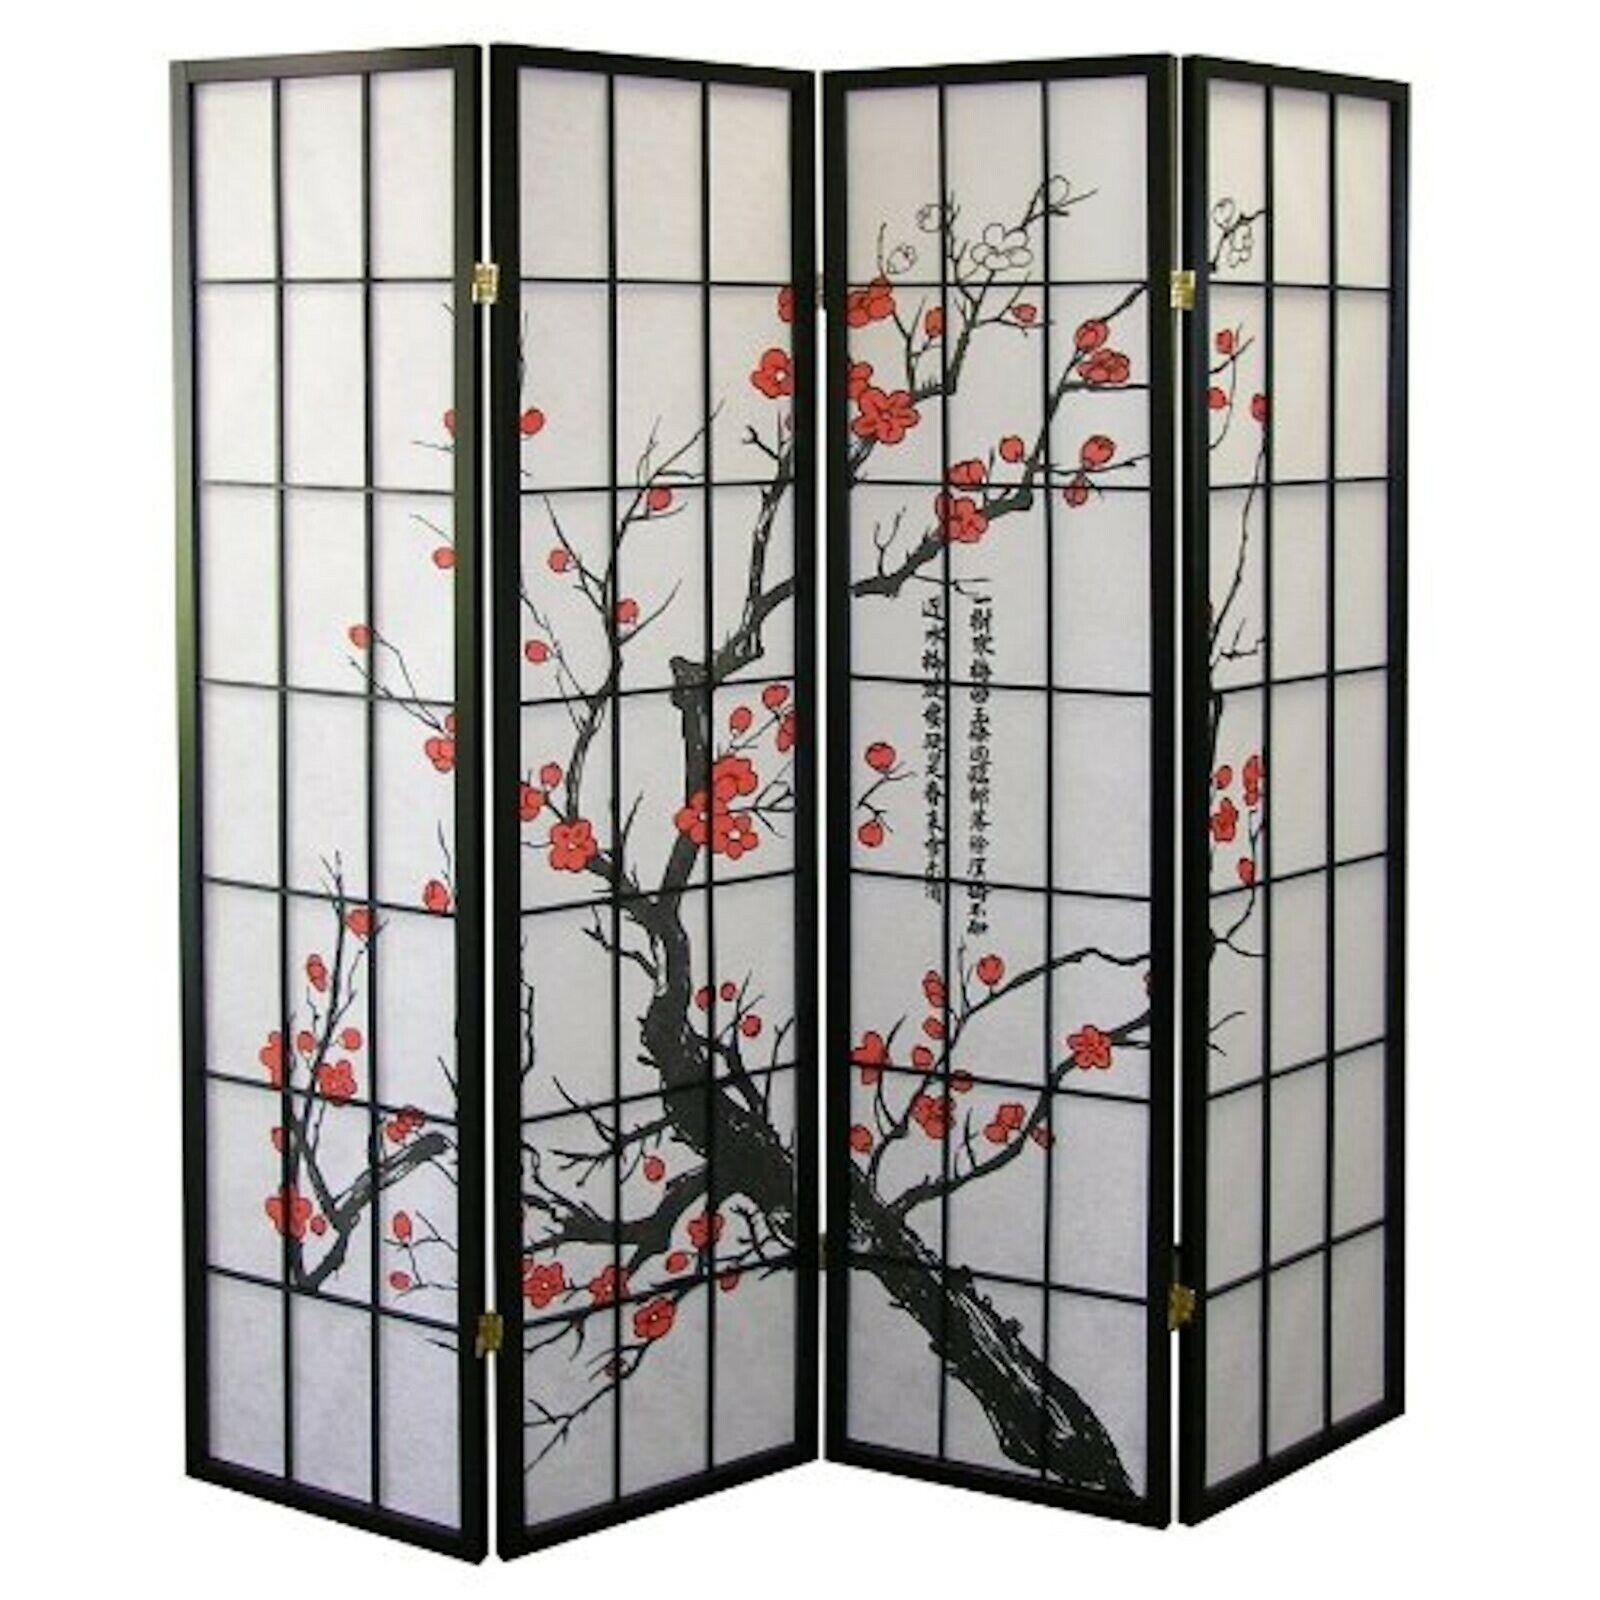 4, 6, 8 Panel Plum Blossom Screen Room Divider White & Black